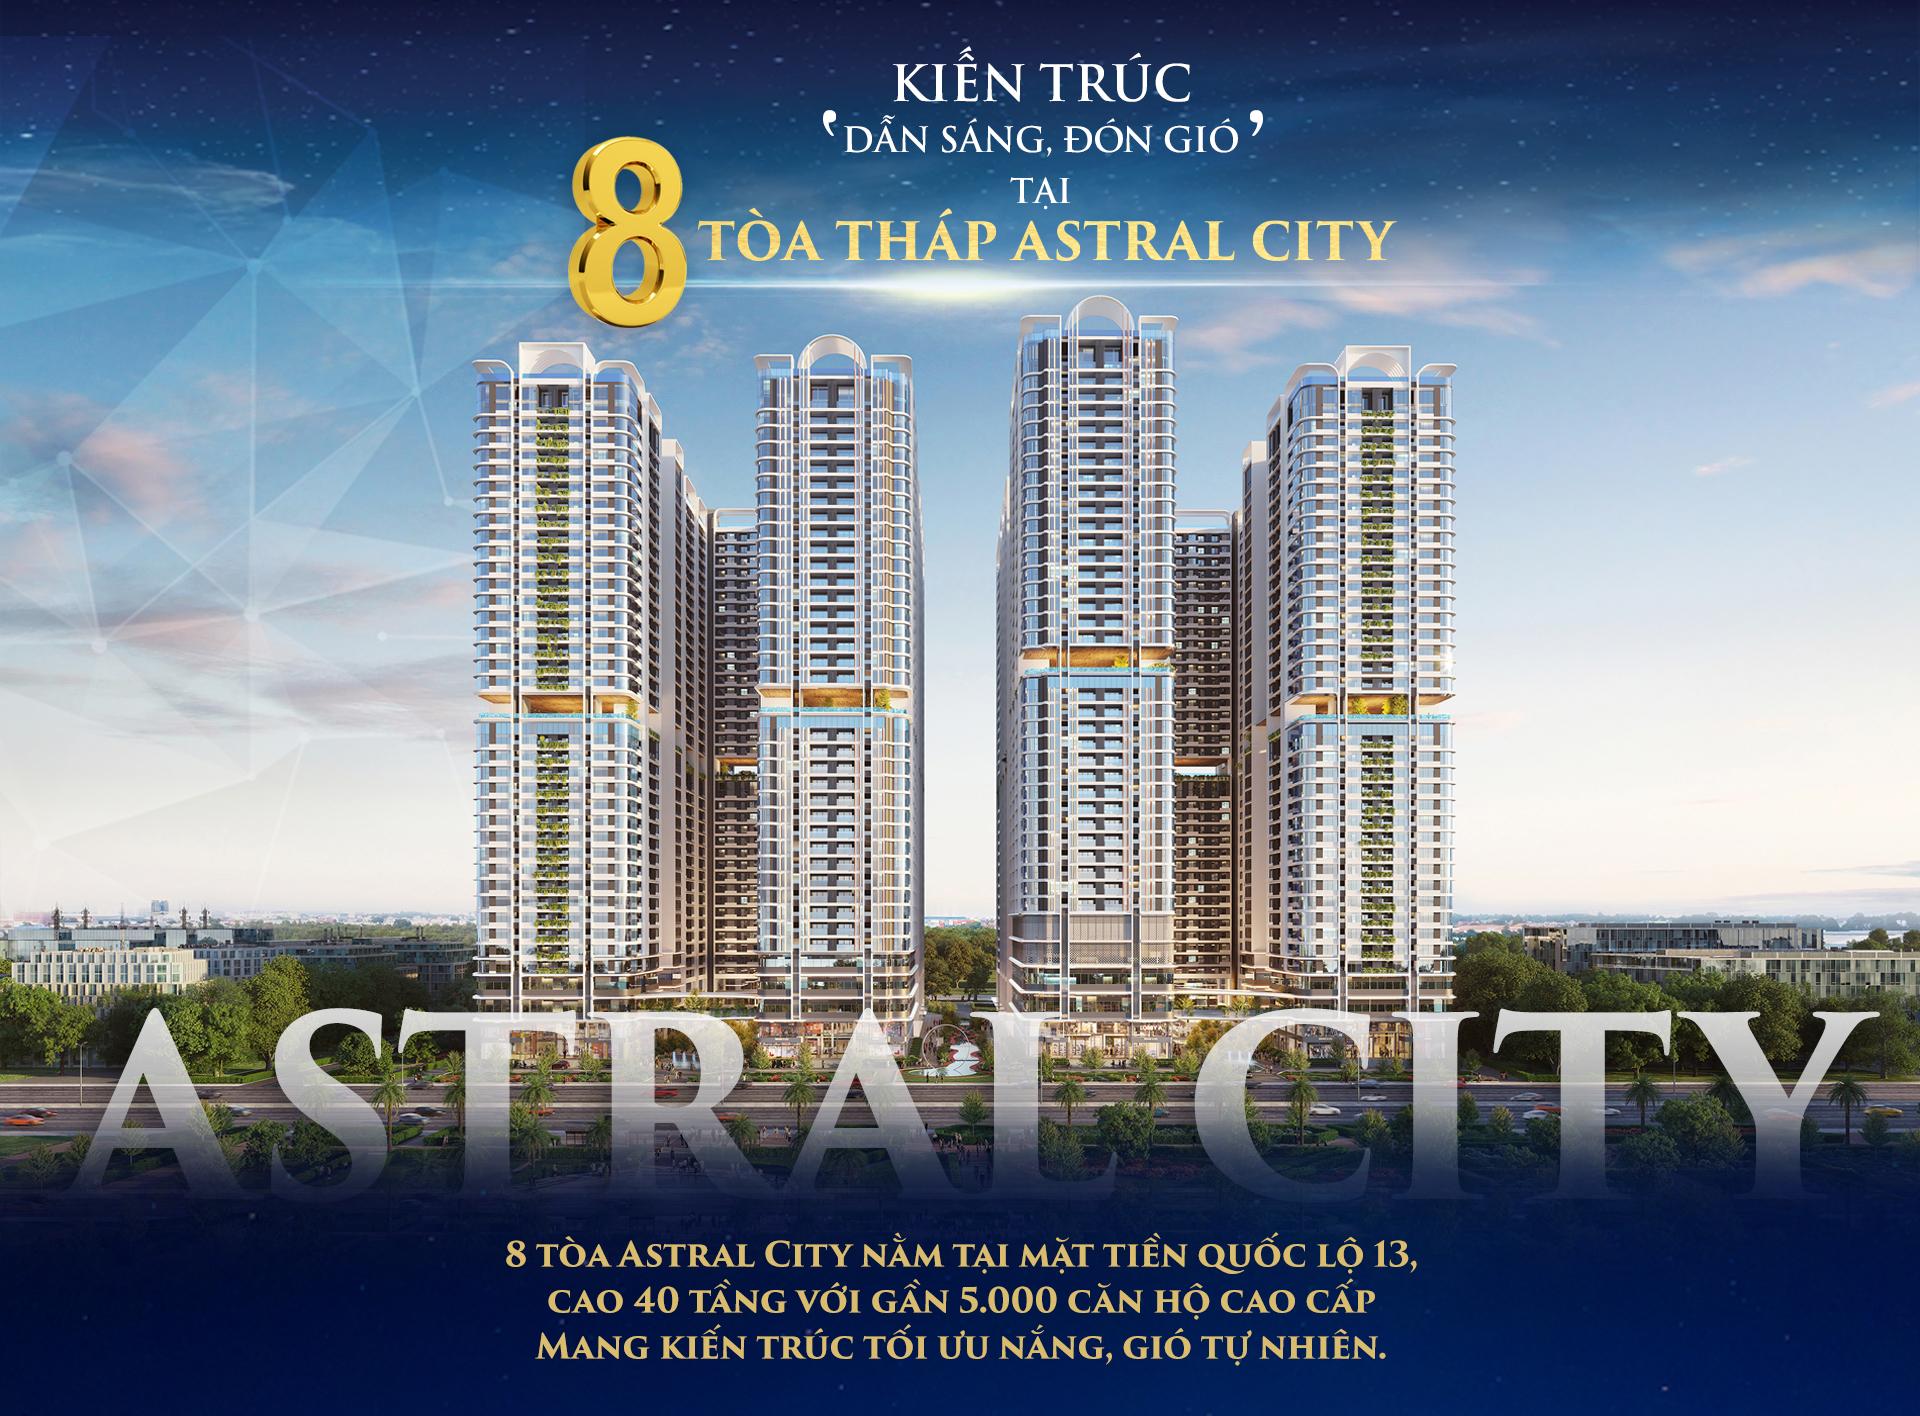 Kiến trúc 'dẫn sáng, đón gió' tại 8 tòa tháp Astral City 2020 10